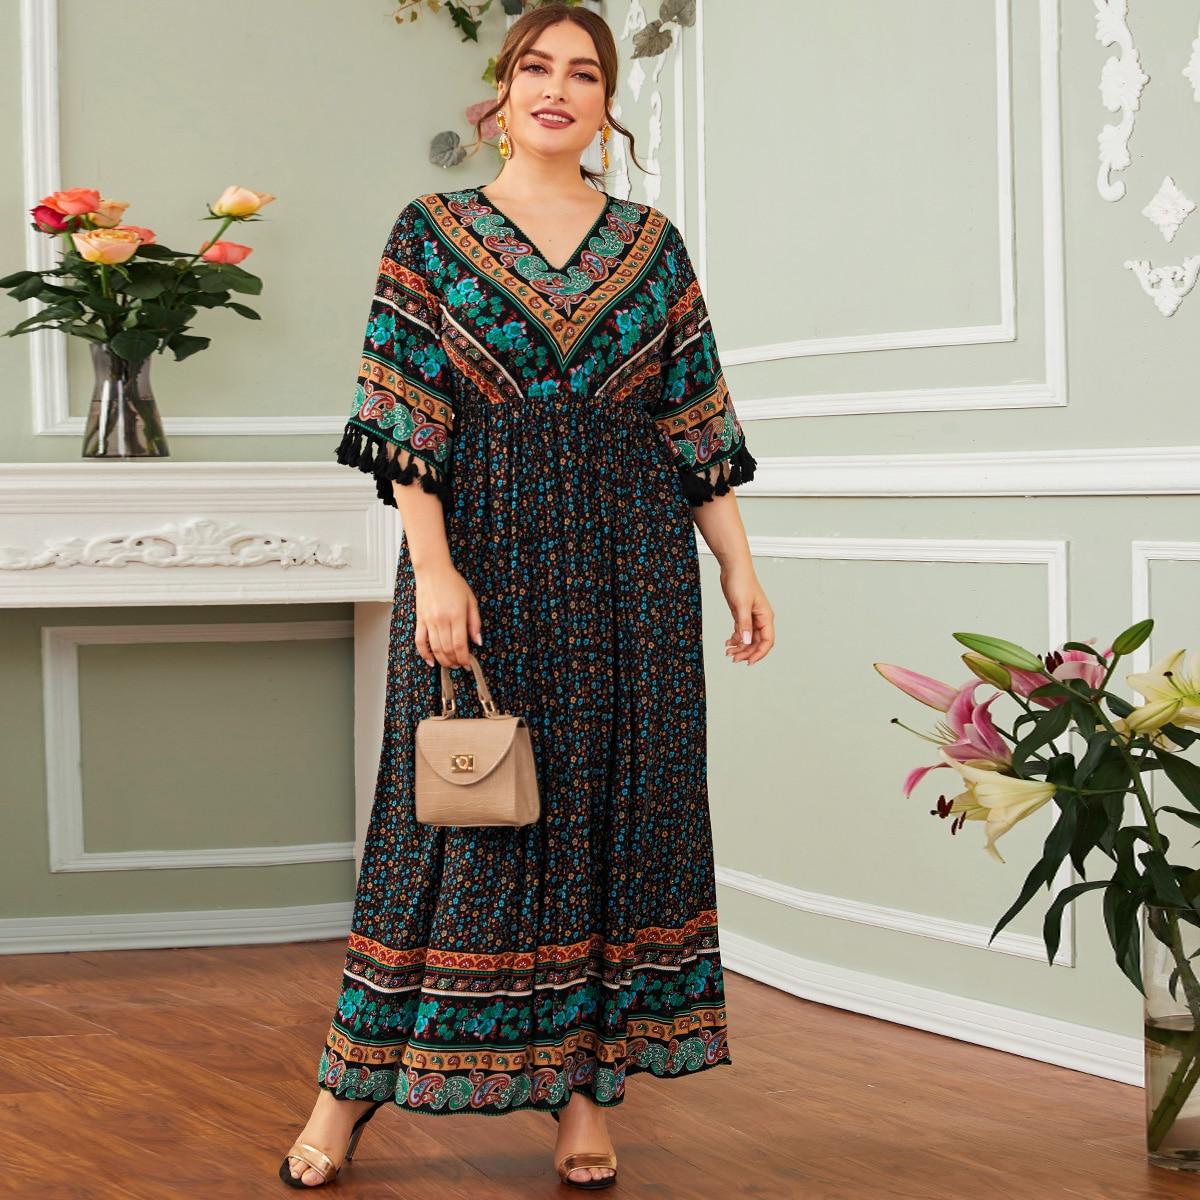 Цветочное платье размера плюс с бахромой